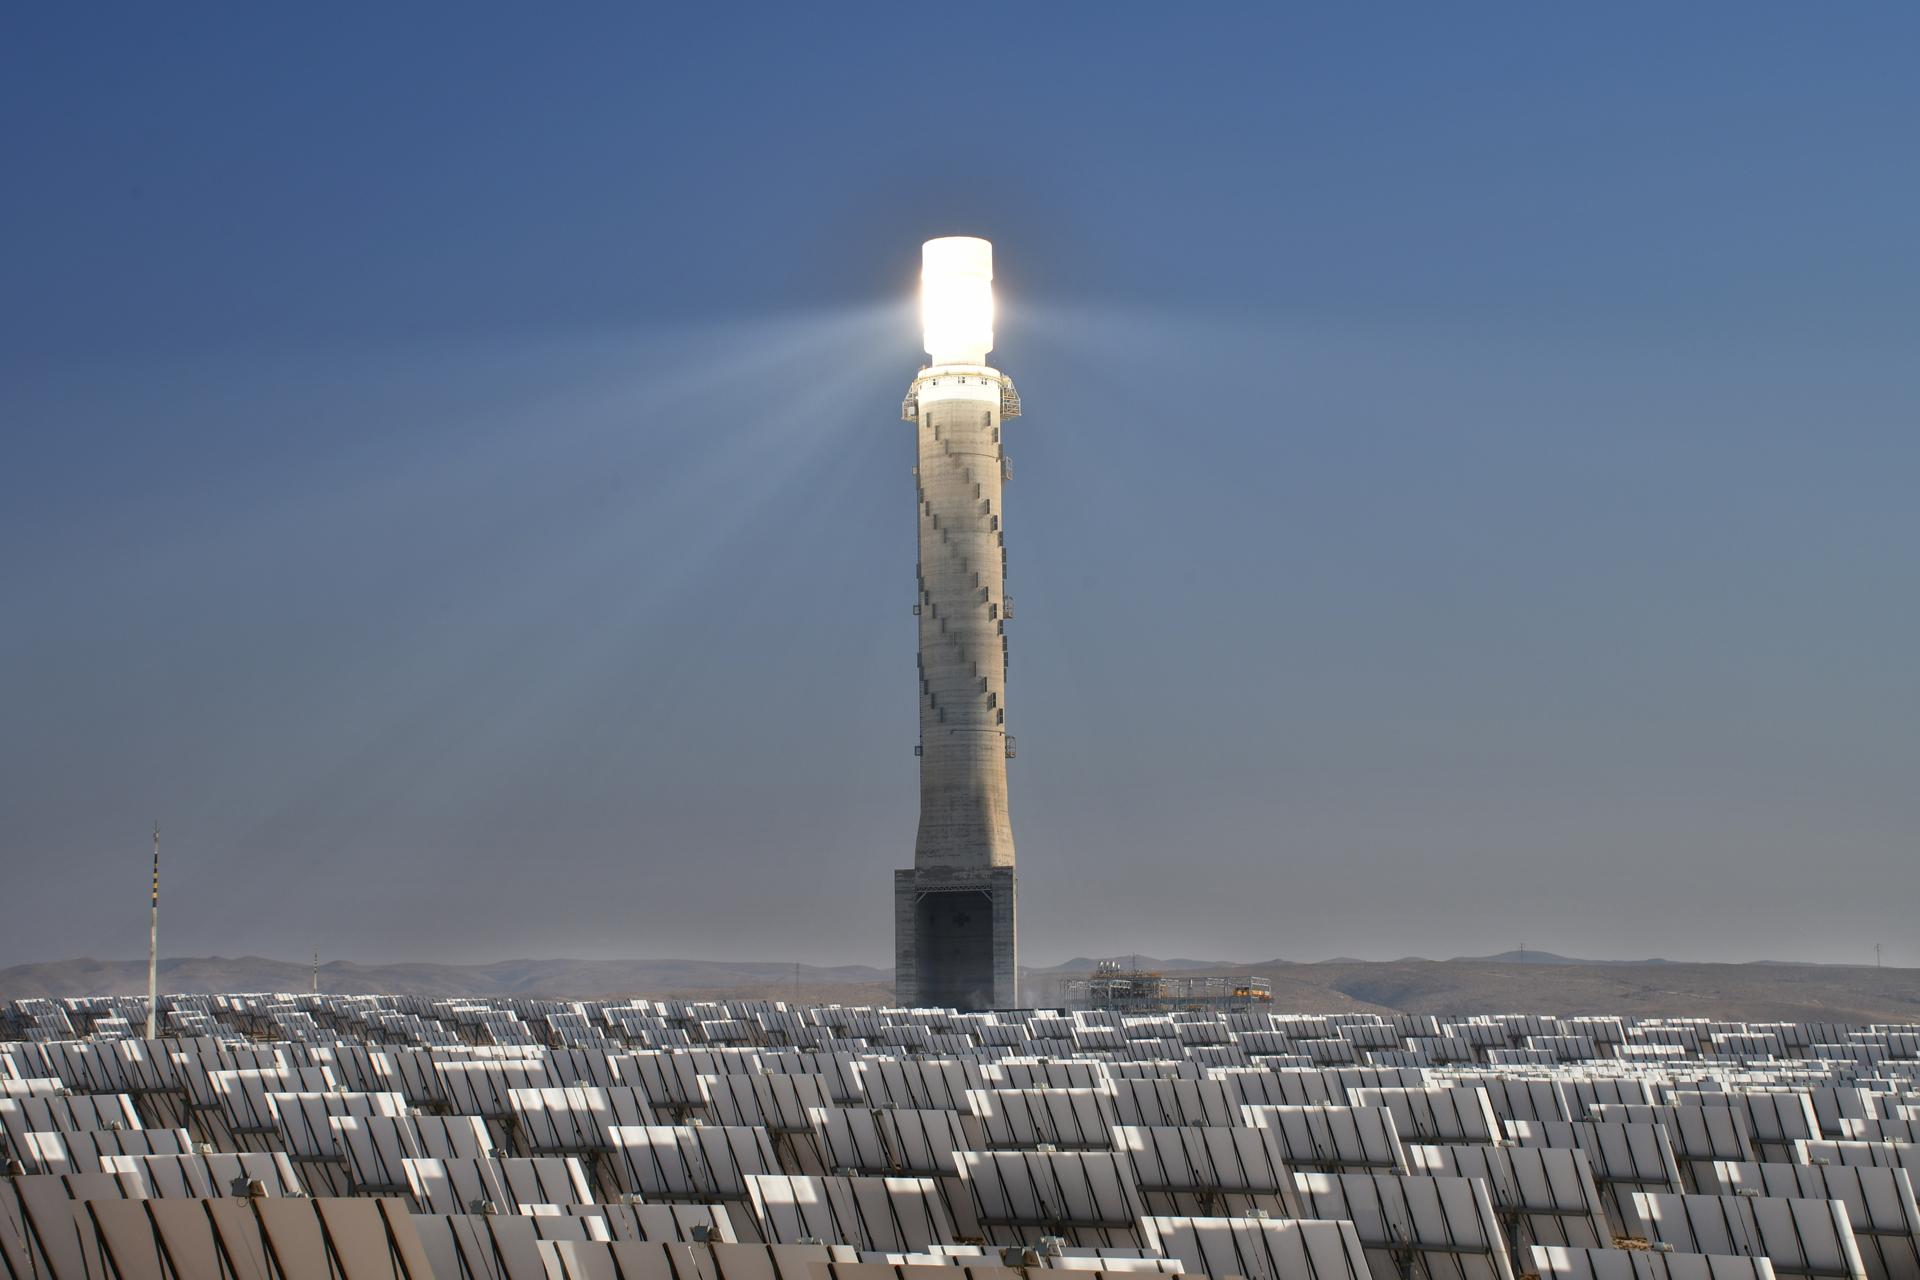 מגדל אור - מגדל השמש - מראות נגב - The Negev Desert Israel יואל שתרוג - אדמה יוצרת - yoel sitruk